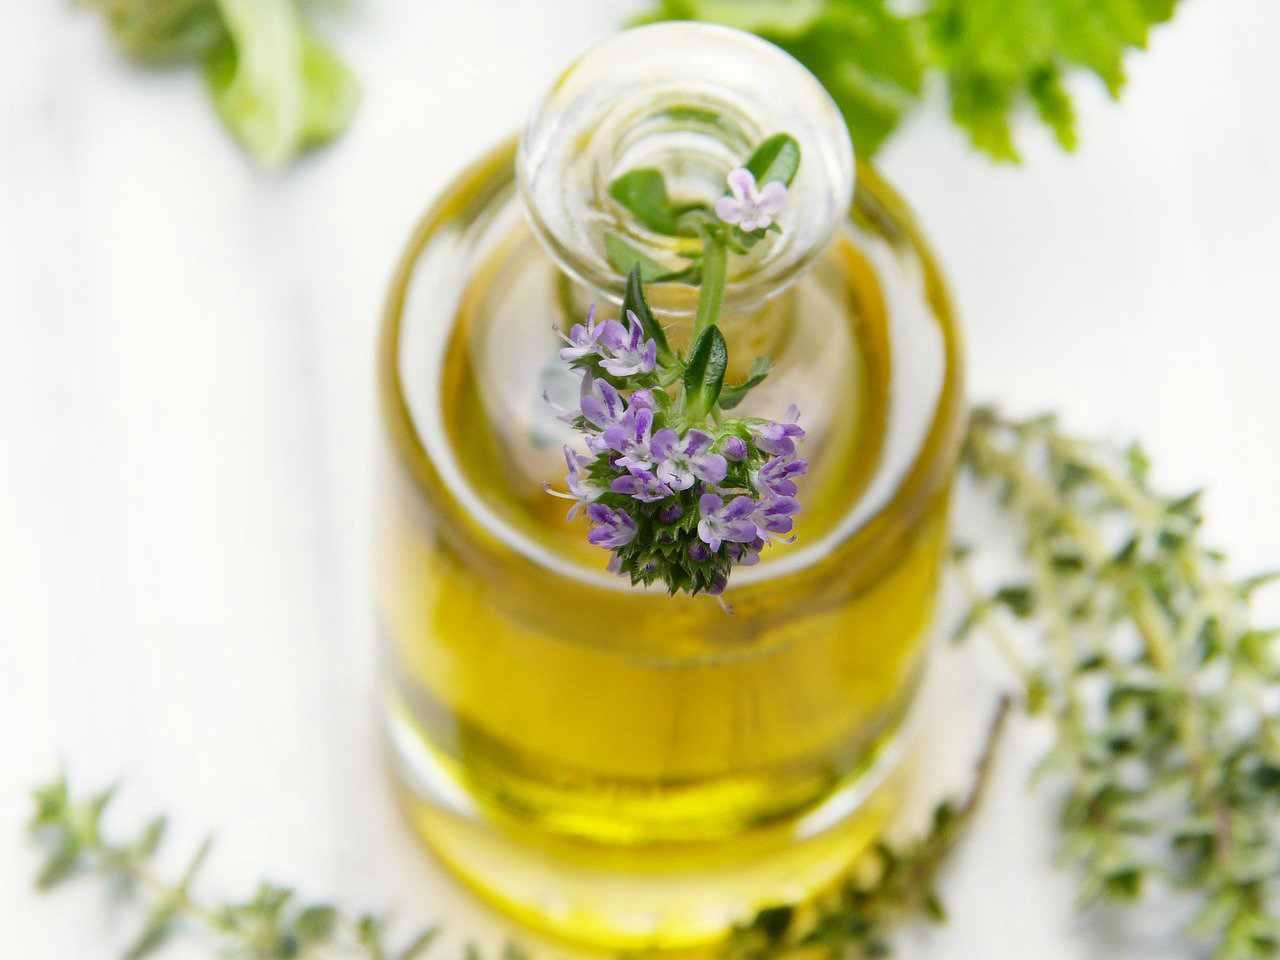 Profumarsi in estate  i modi alternativi al profumo con l'alcool